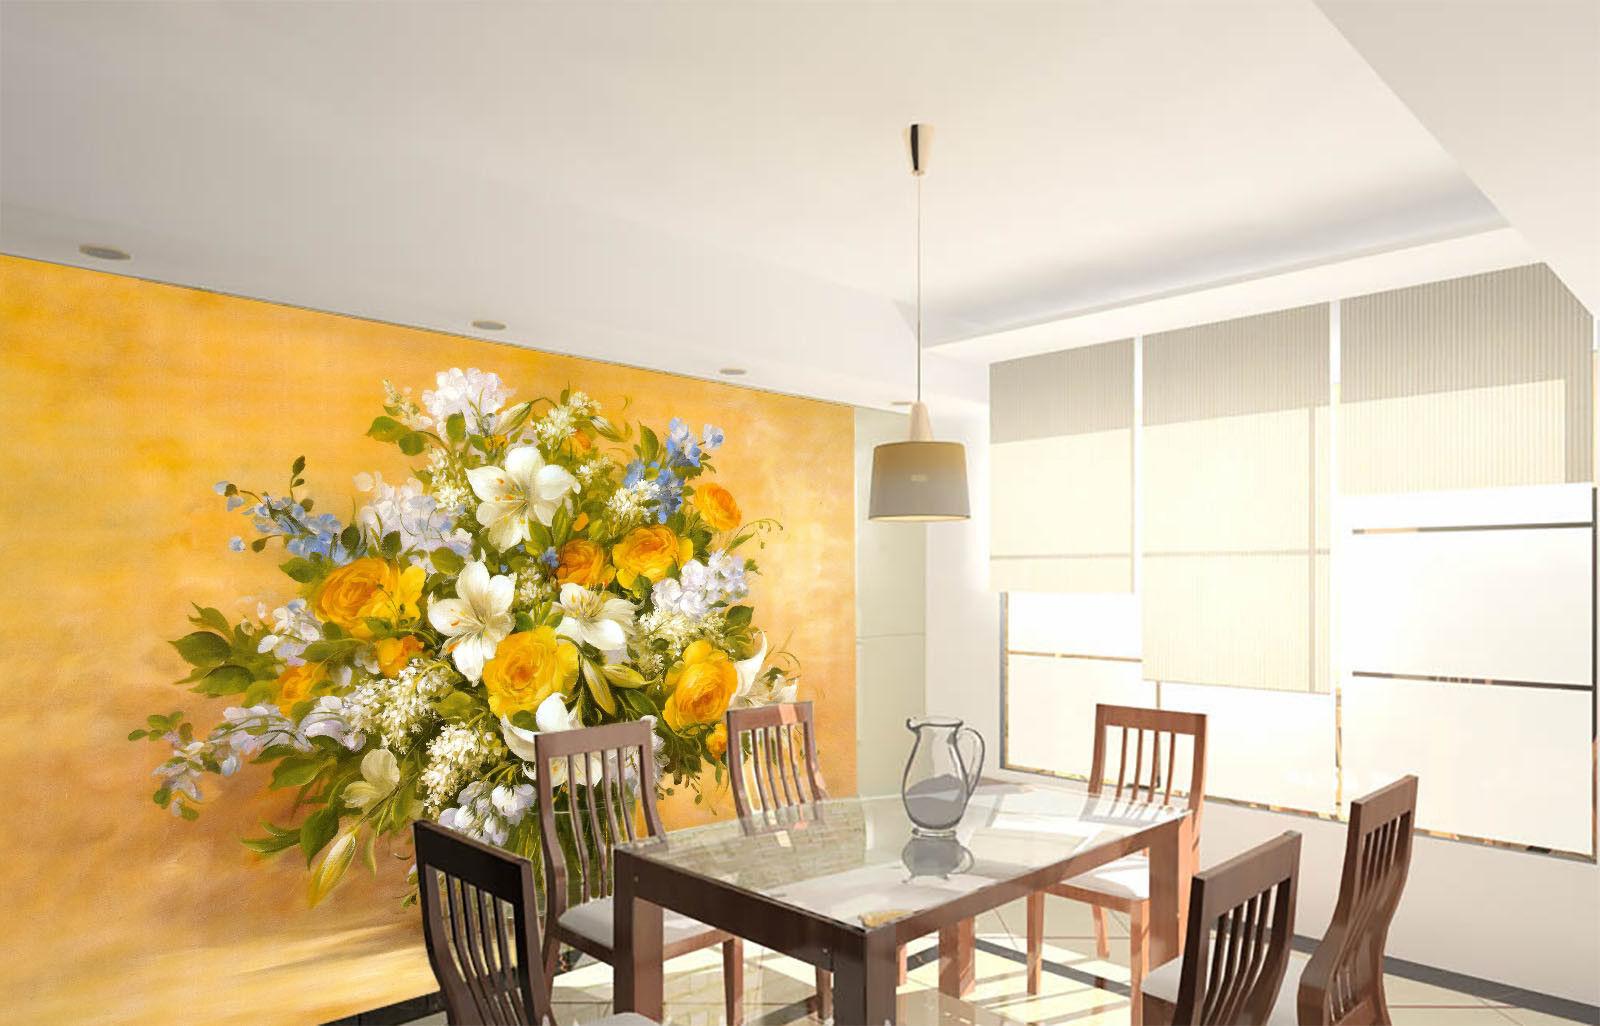 3D Gelbe Rosa Weiße Lilie 864 Tapete Wandgemälde Tapete Tapeten Bild Familie DE  | Angenehmes Aussehen  | Online Outlet Shop  | Schön und charmant